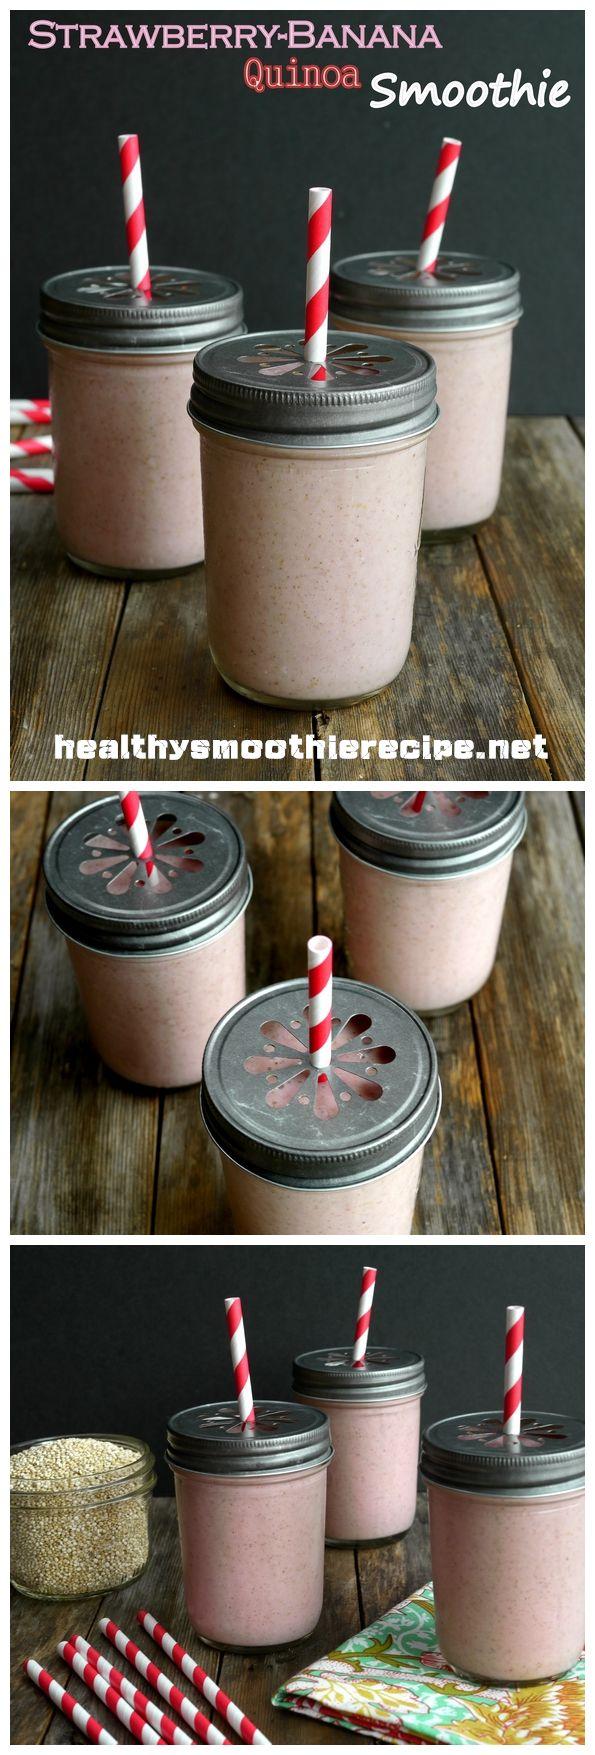 Strawberry-Banana Quinoa #Smoothie #Recipe